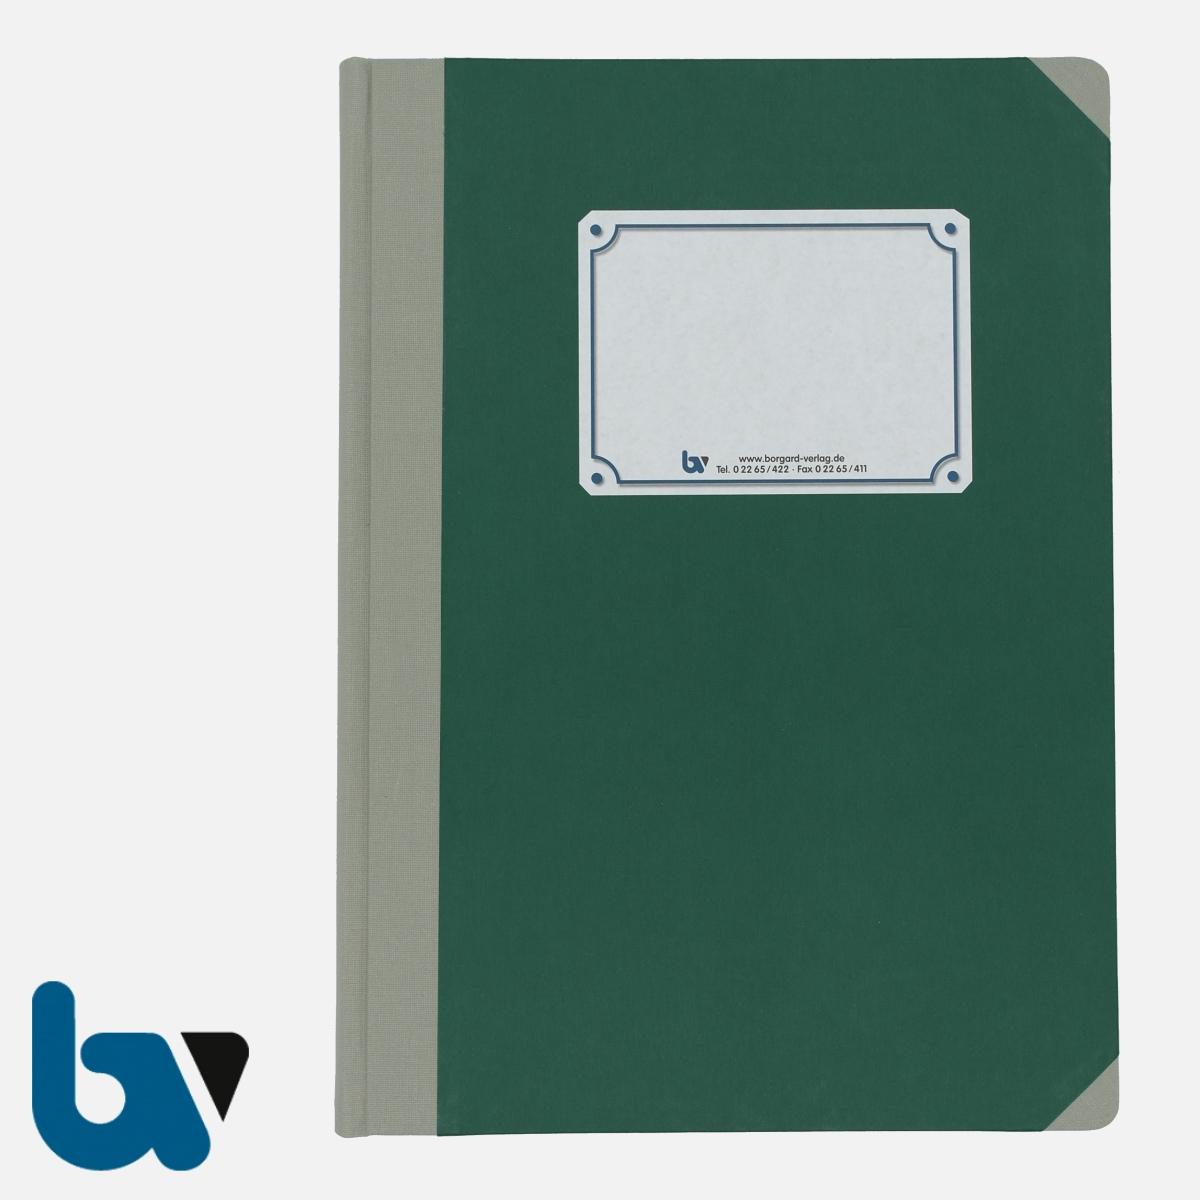 0/527-1 Fundverzeichnis Fundsache Buch gebunden Leinen DIN A4 Außen 2 | Borgard Verlag GmbH